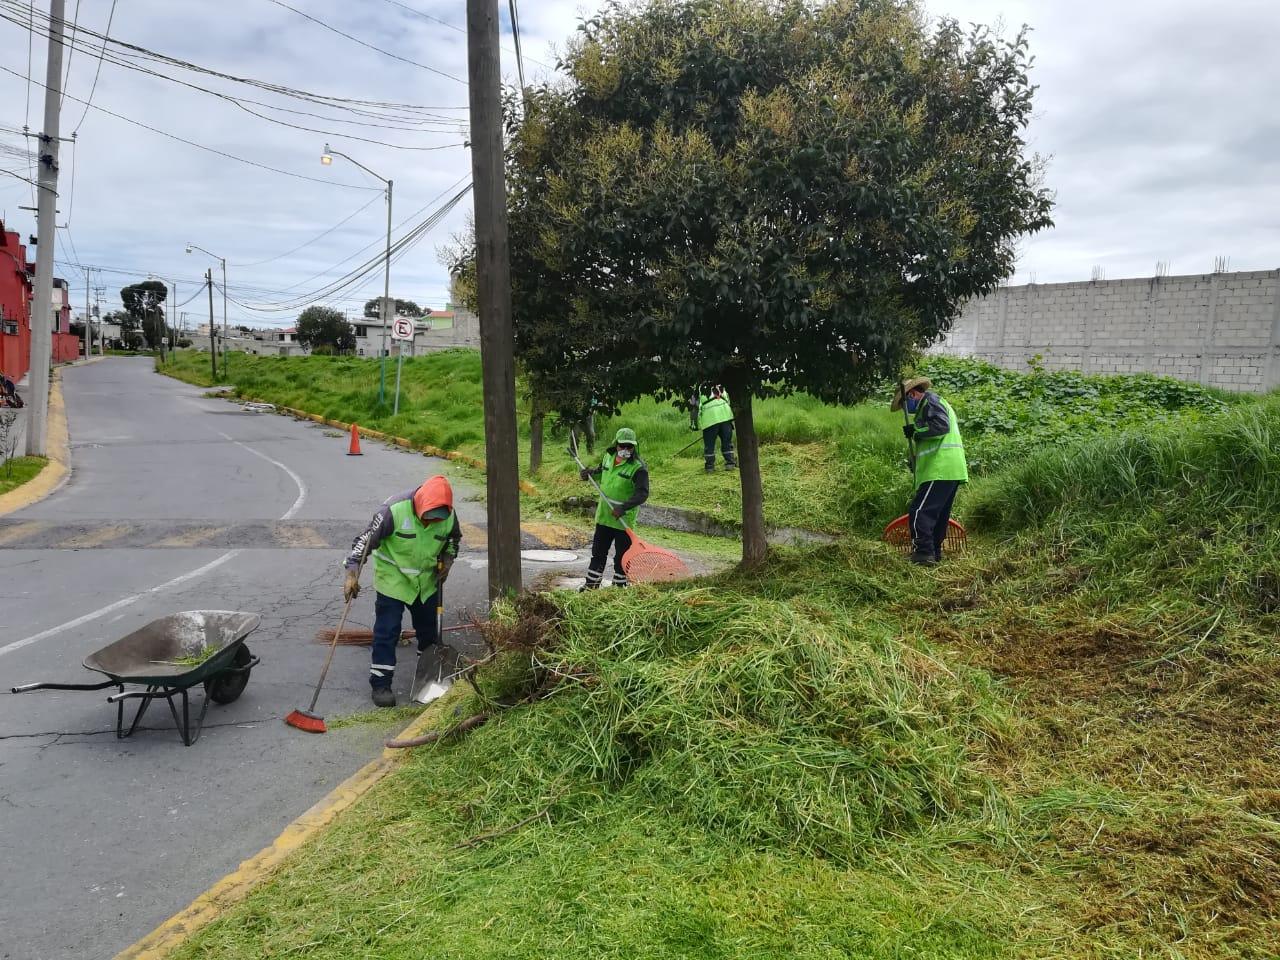 dan-mantenimiento-a-las-areas-verdes-y-parques-en-toluca4